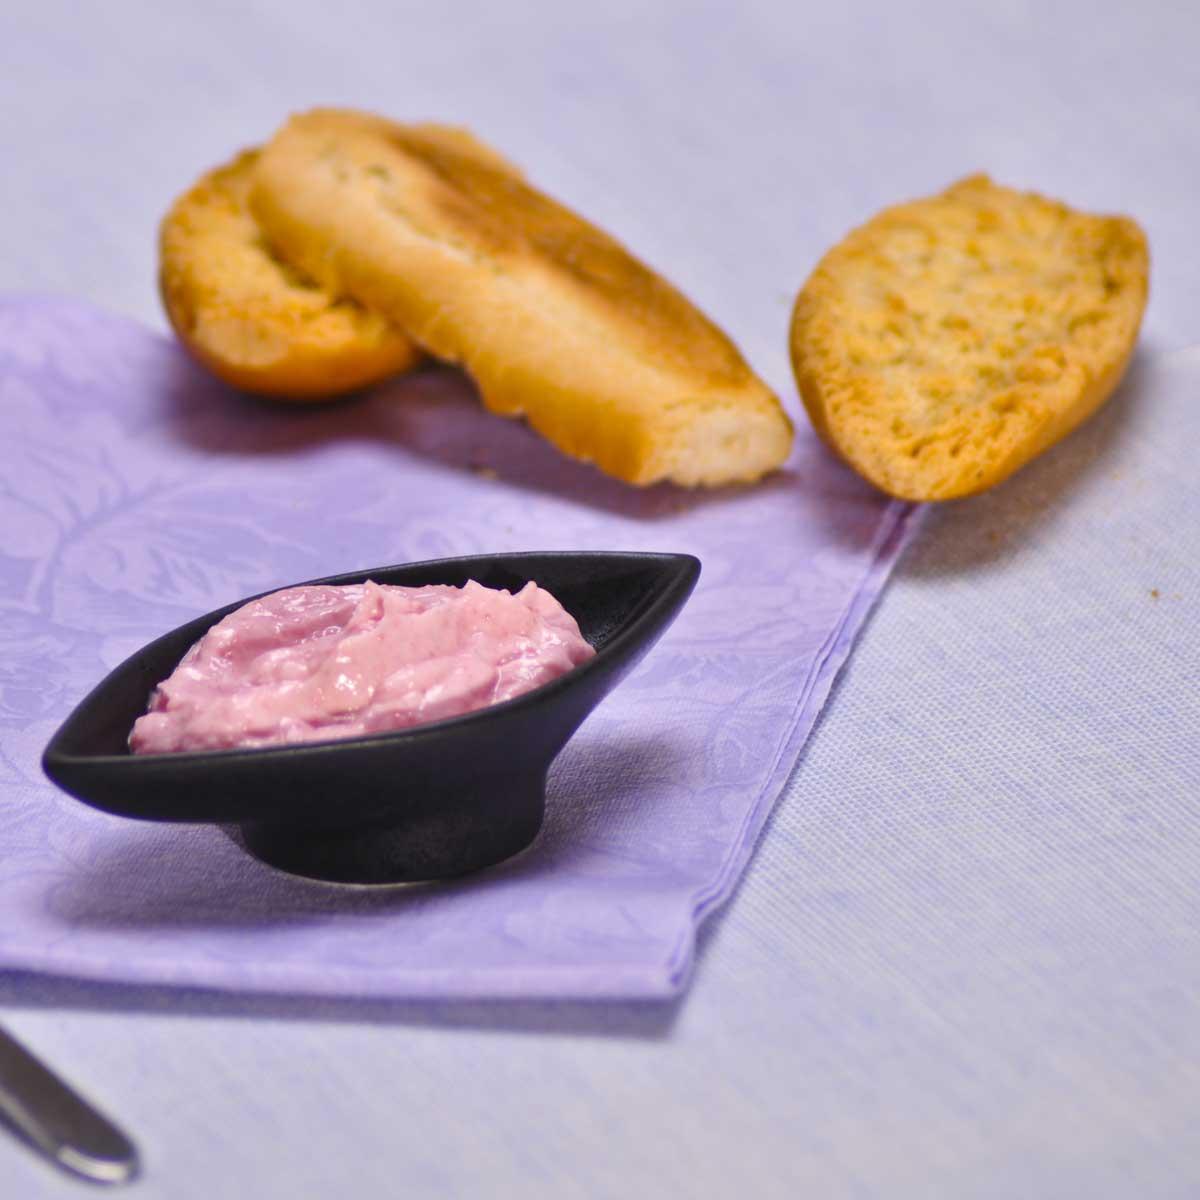 Recette tarama cuisine madame figaro - Madame figaro cuisine ...